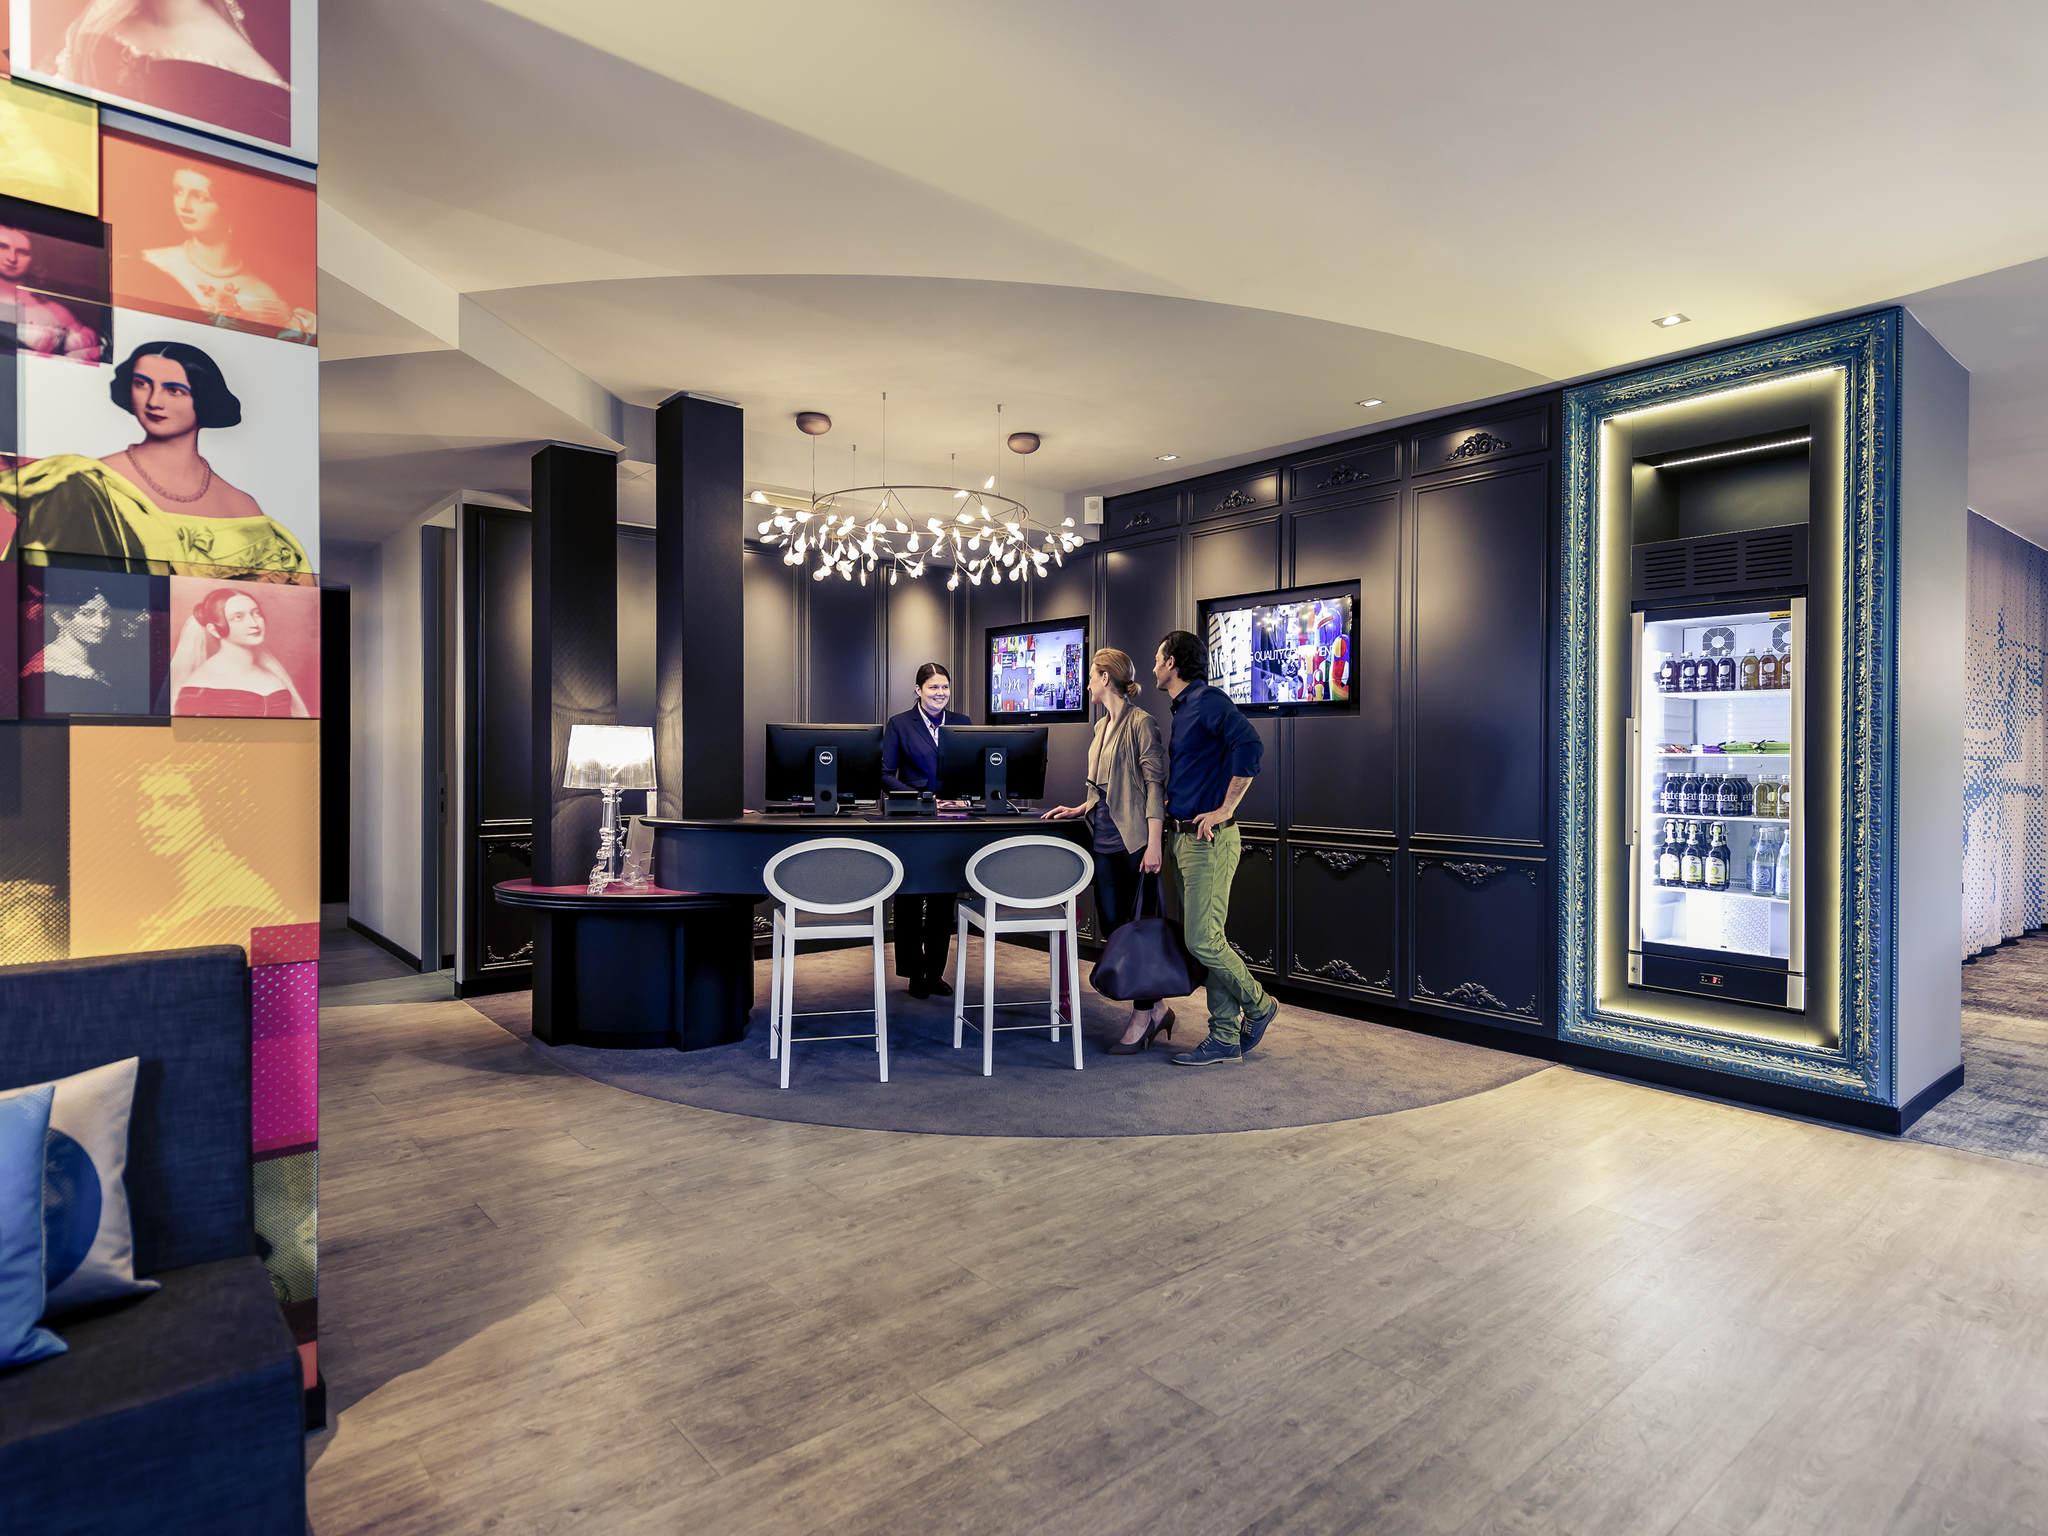 ホテル – メルキュールホテルミュンヘンアムオリンピアパーク